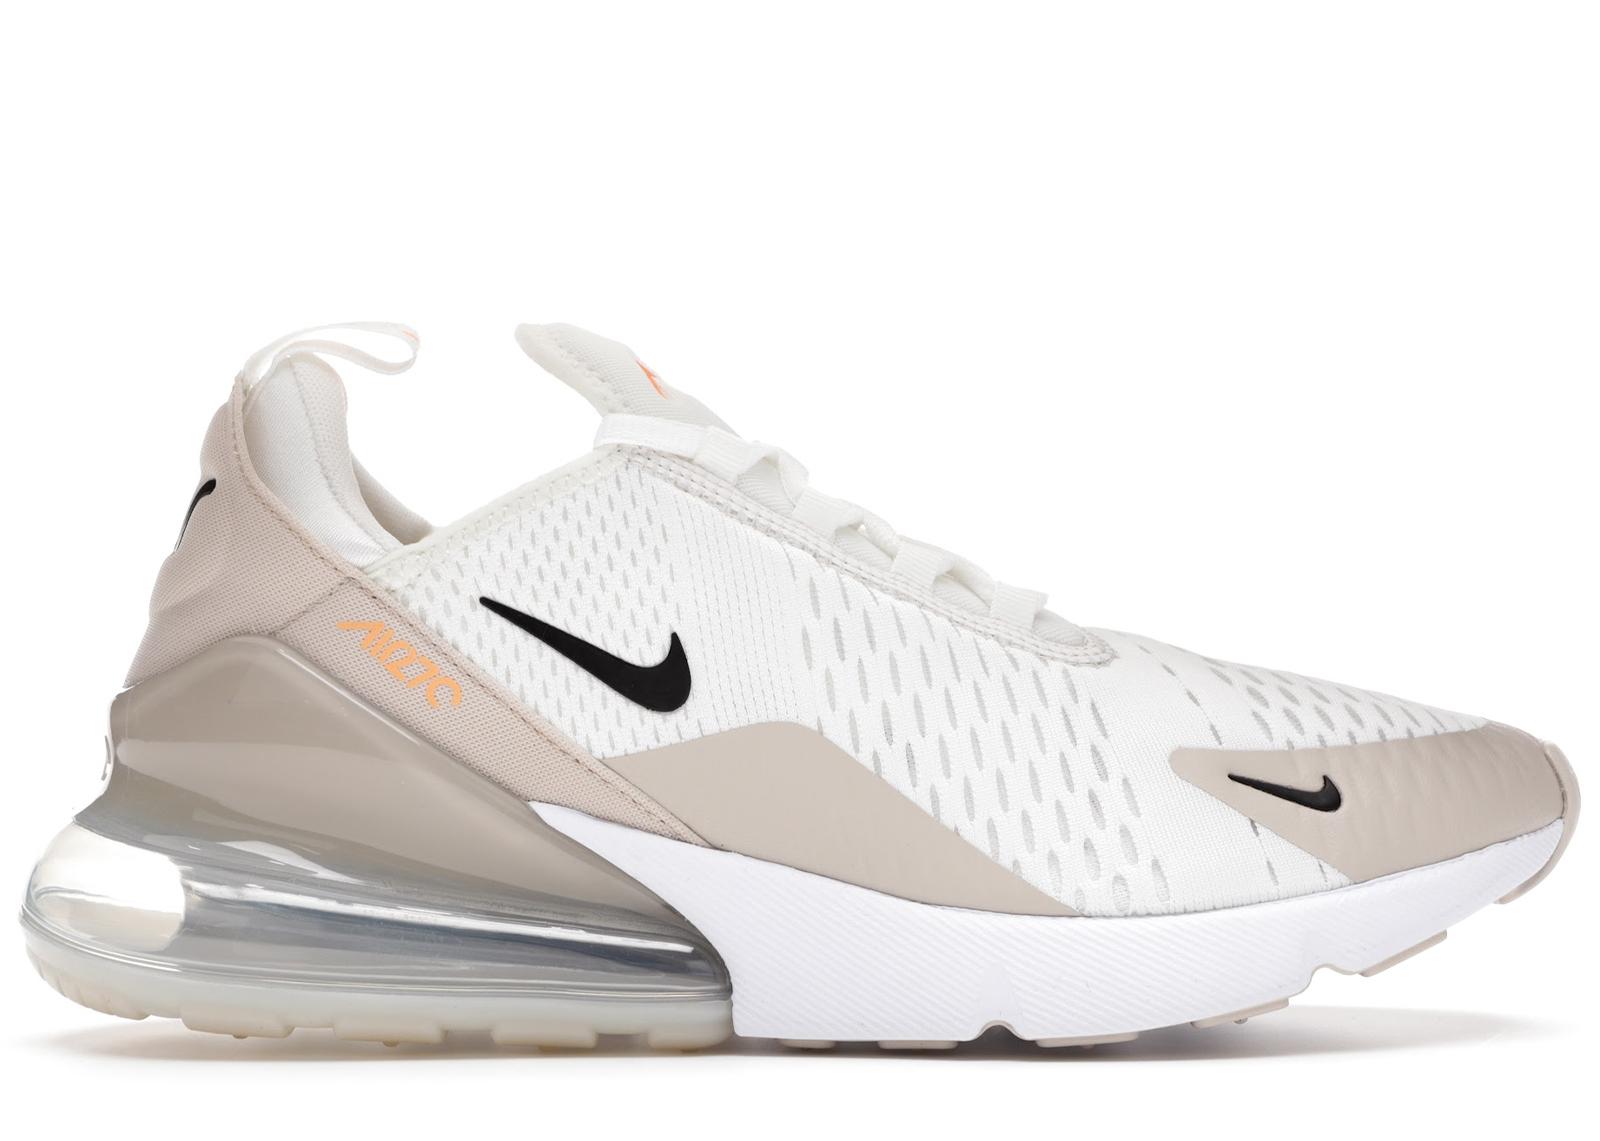 Nike Air Max 270 Desert Sand Peach Cream